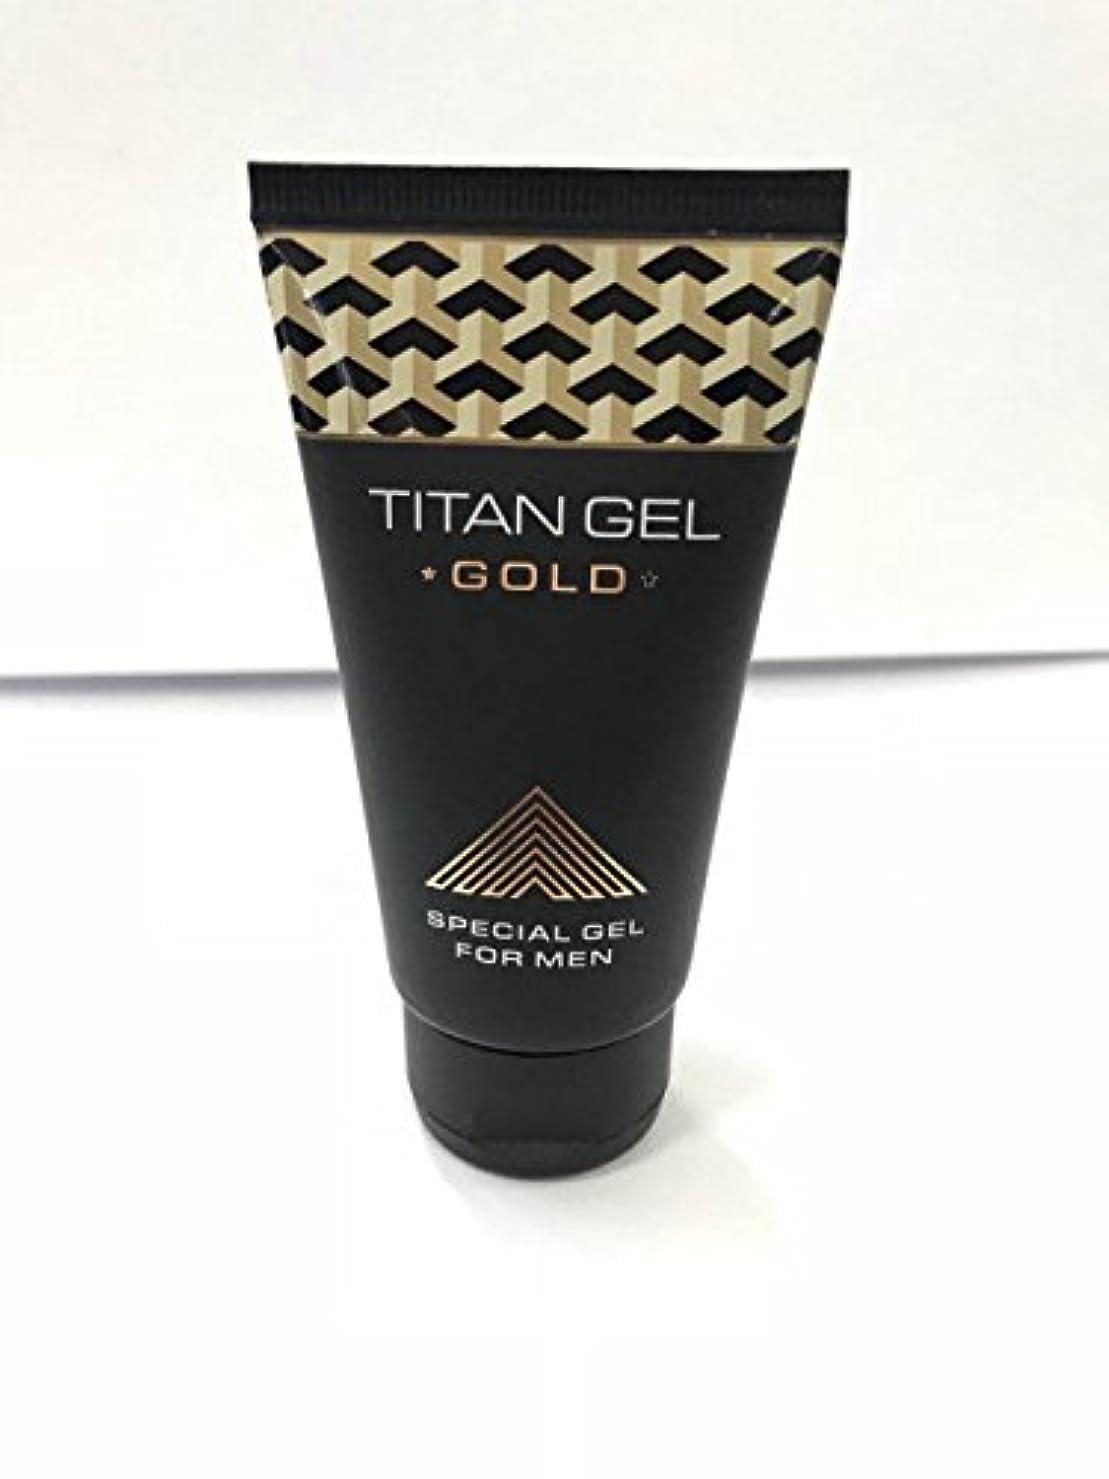 ヘビークラシックポルトガル語タイタンジェル ゴールド Titan gel Gold 50ml 4箱セット 日本語説明付き [並行輸入品]